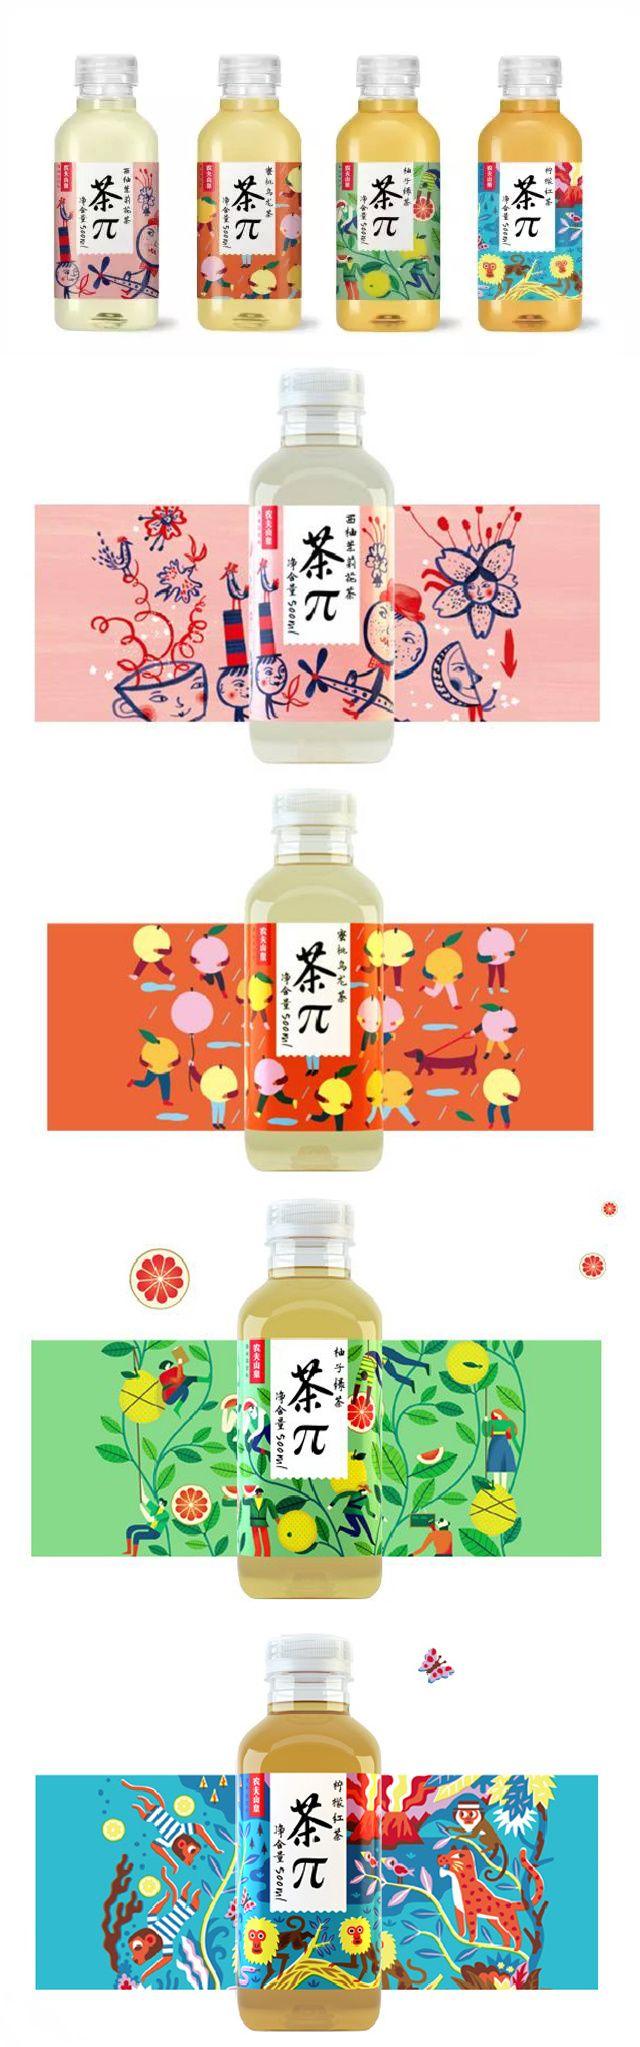 最近农夫山泉旗下又添新成员,推出茶饮料新...@瘦下来把你们吓哭采集到包装(605图)_花瓣